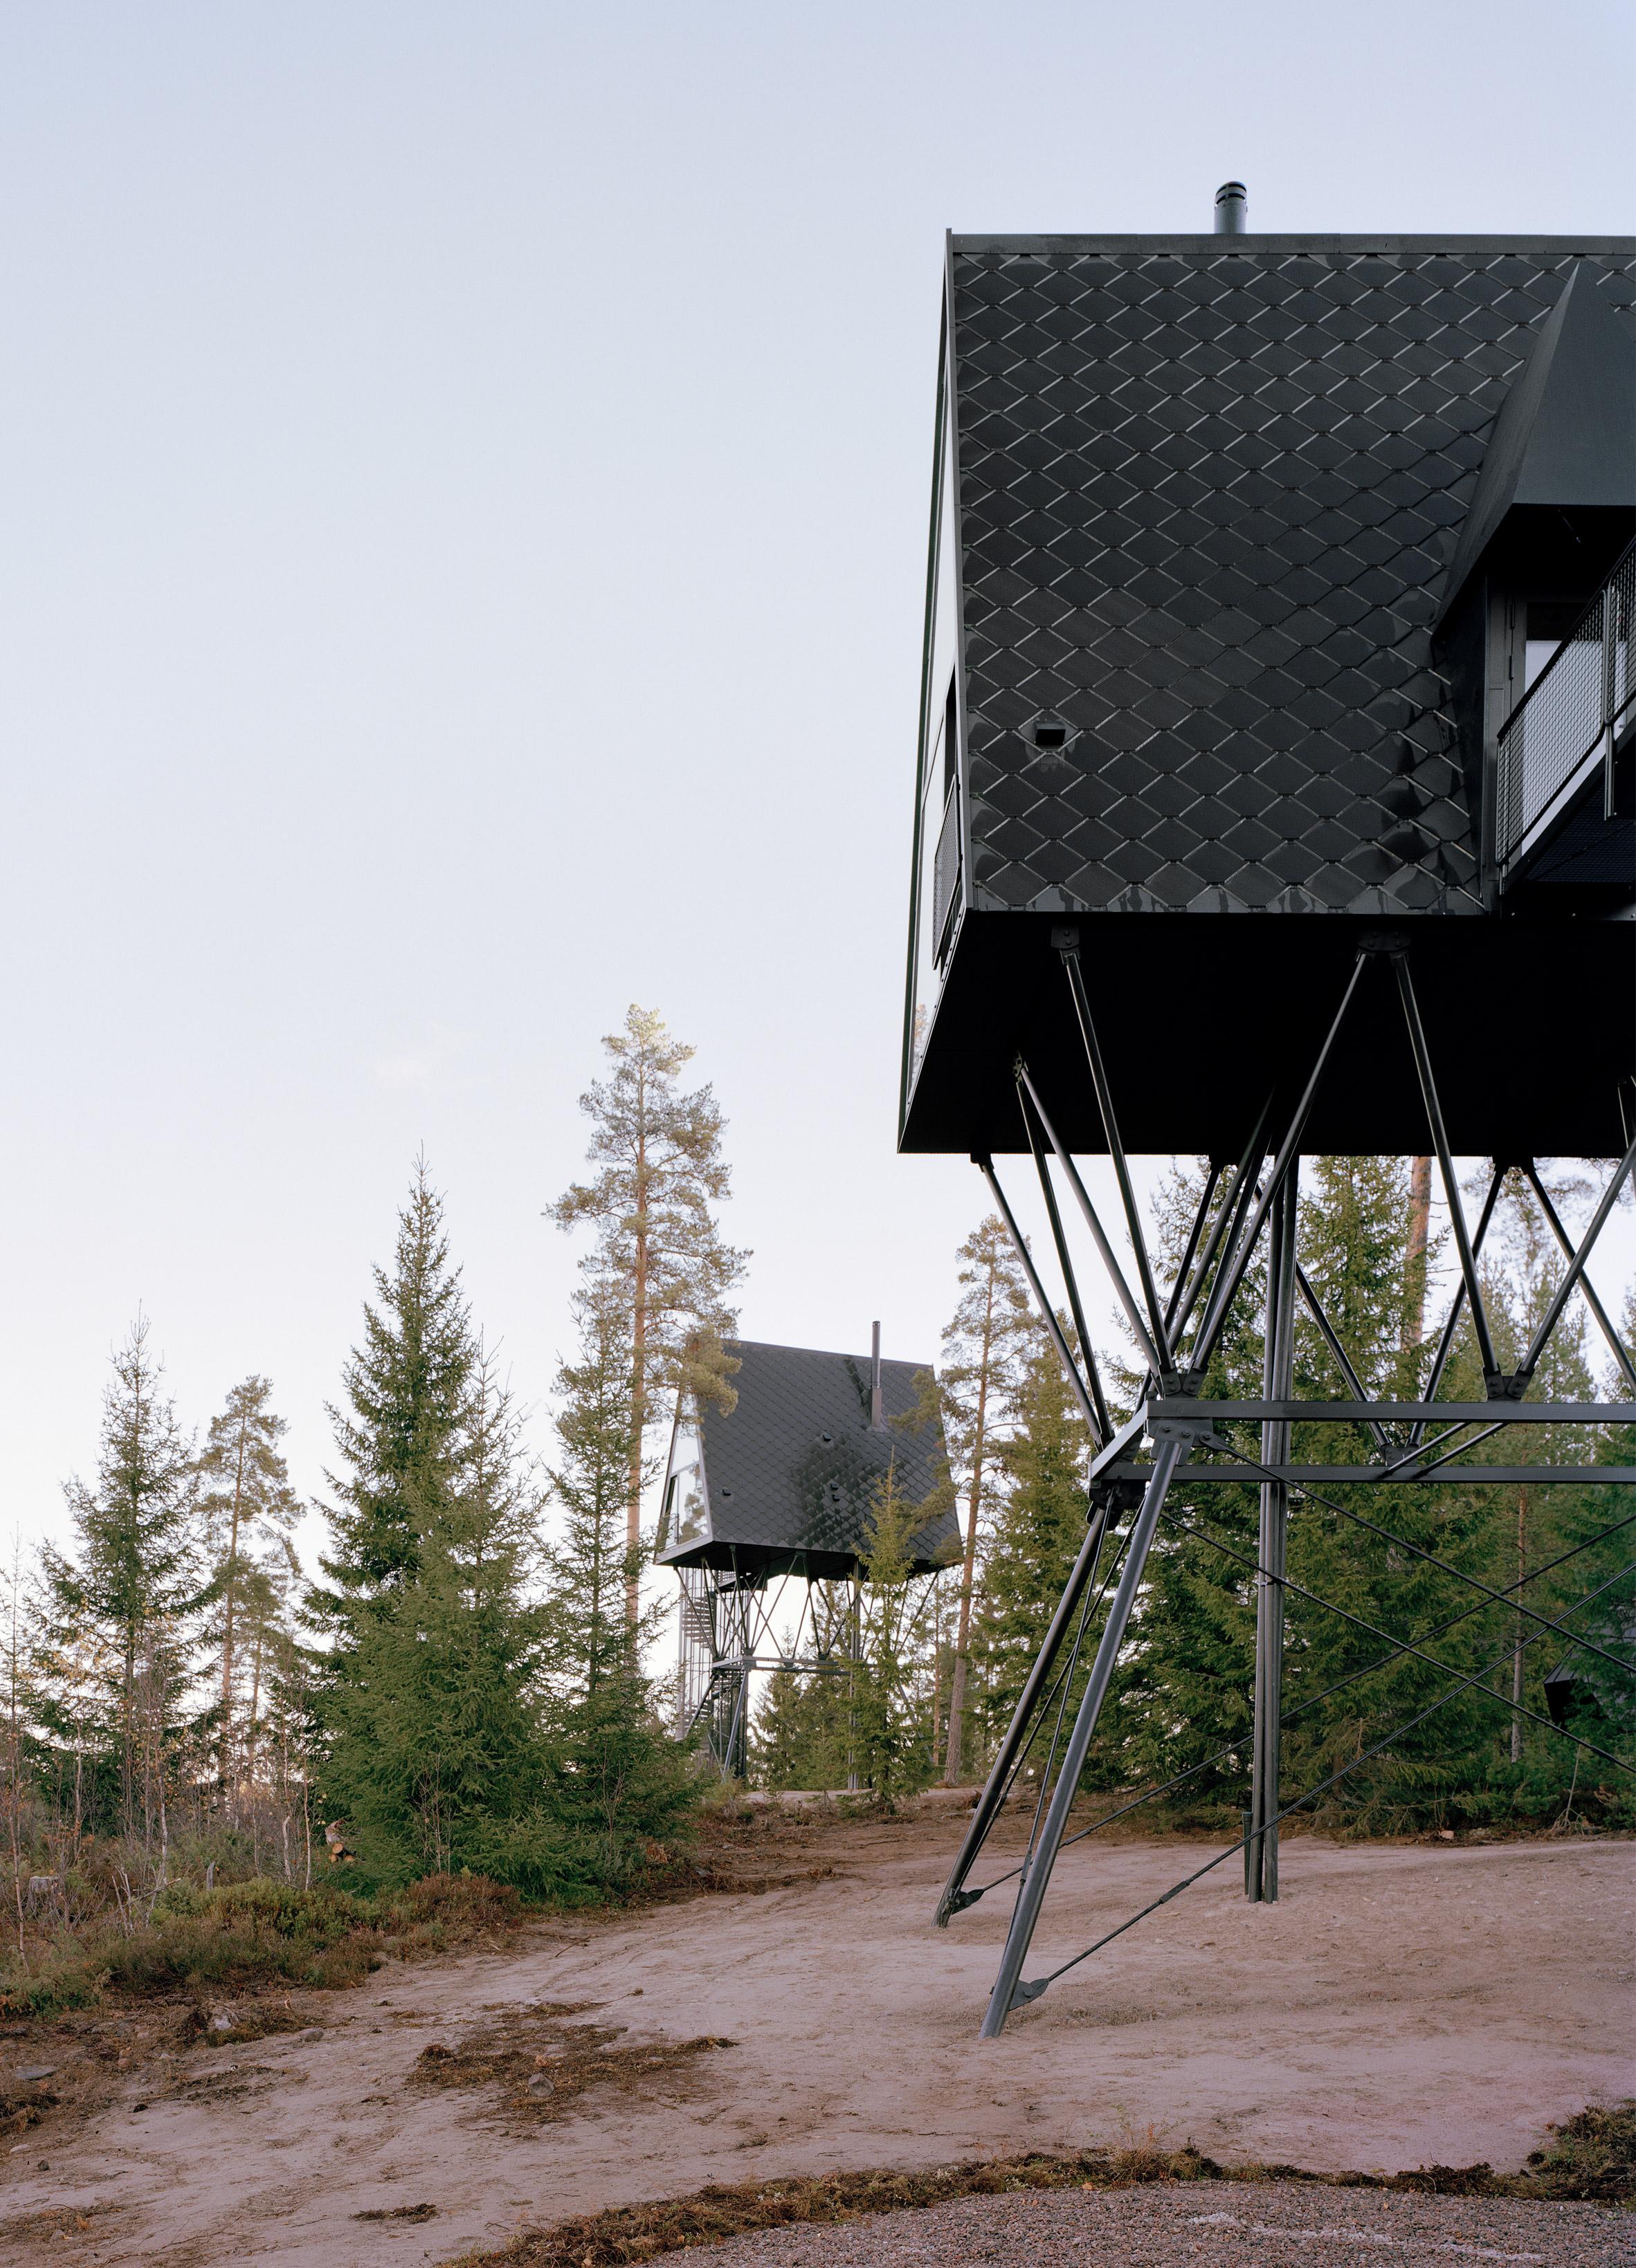 PAN Treetop Cabins by Espen Surnevik in Norway